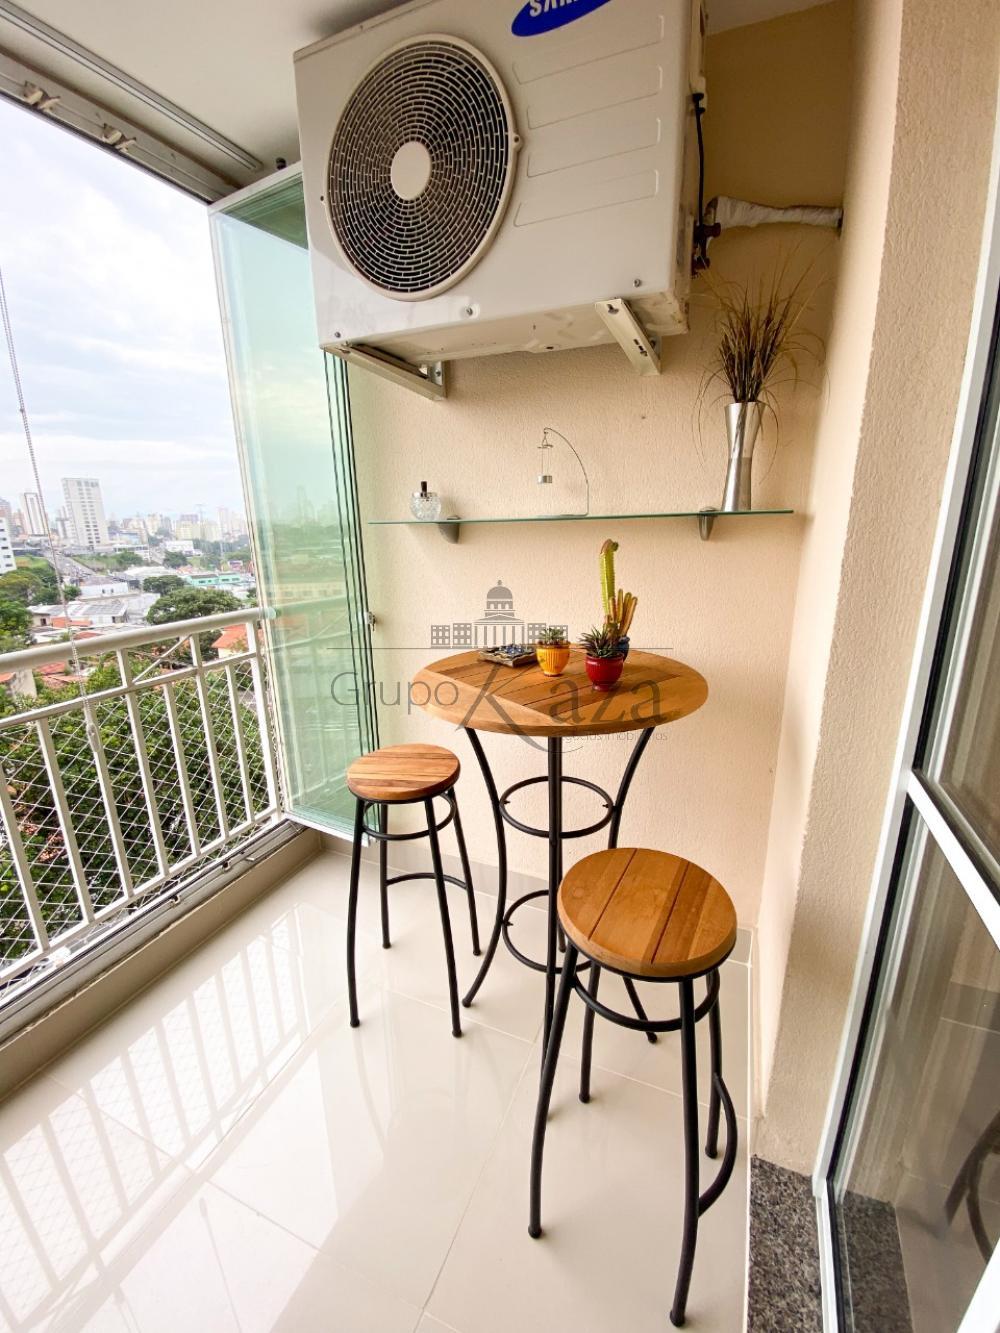 Comprar Apartamento / Padrão em São José dos Campos R$ 650.000,00 - Foto 19